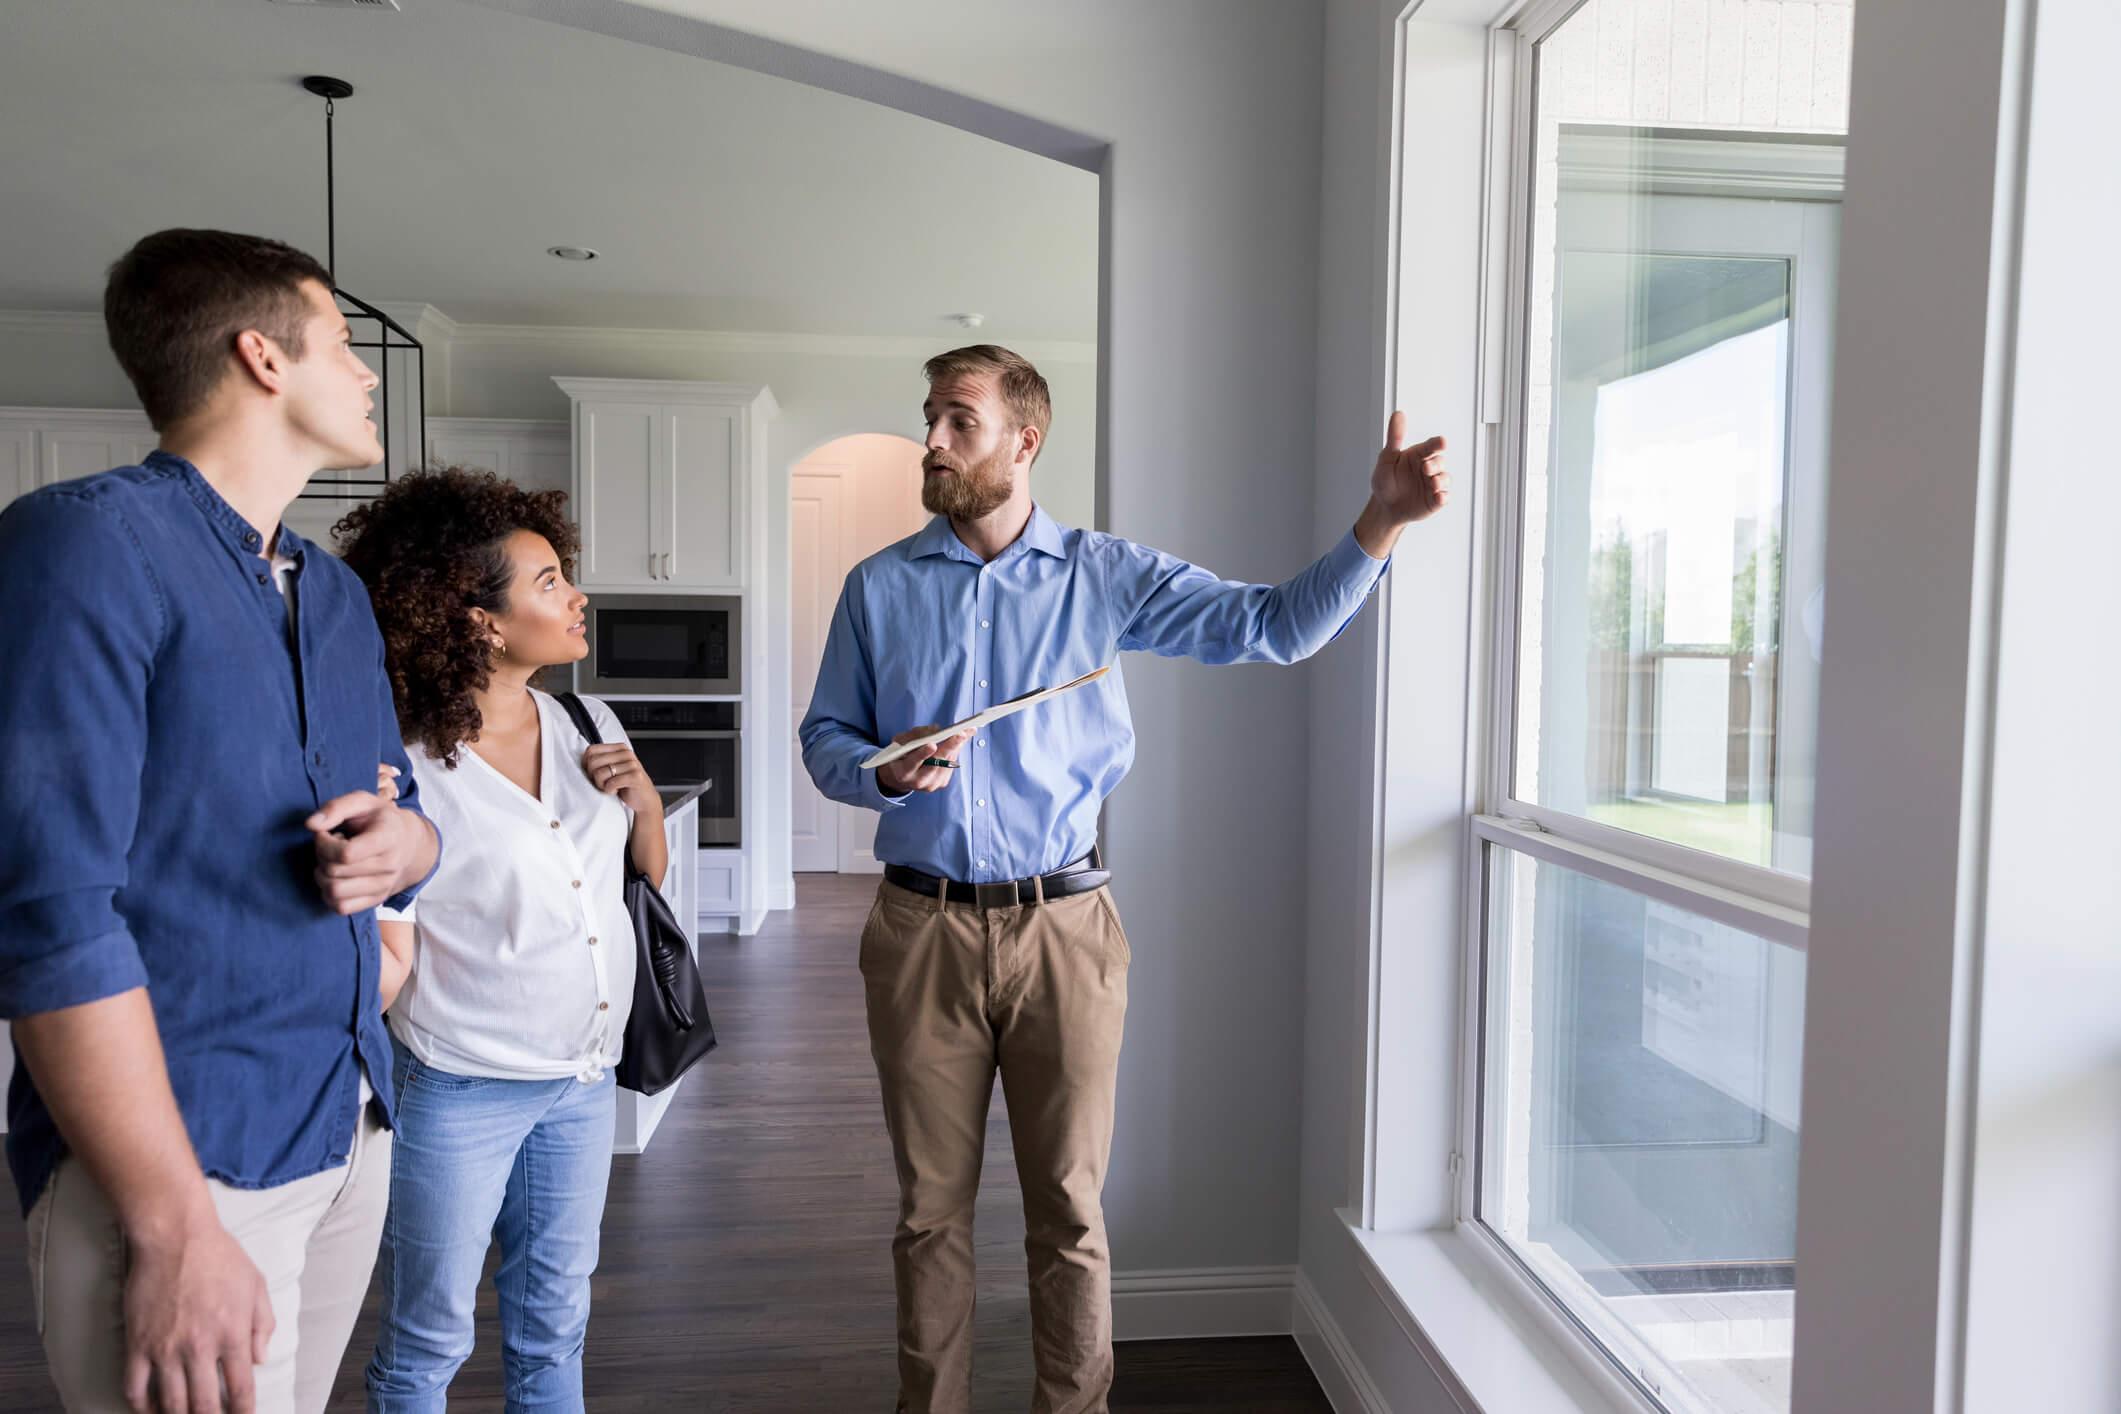 Rapport: o que é e como usar na venda de imóveis?